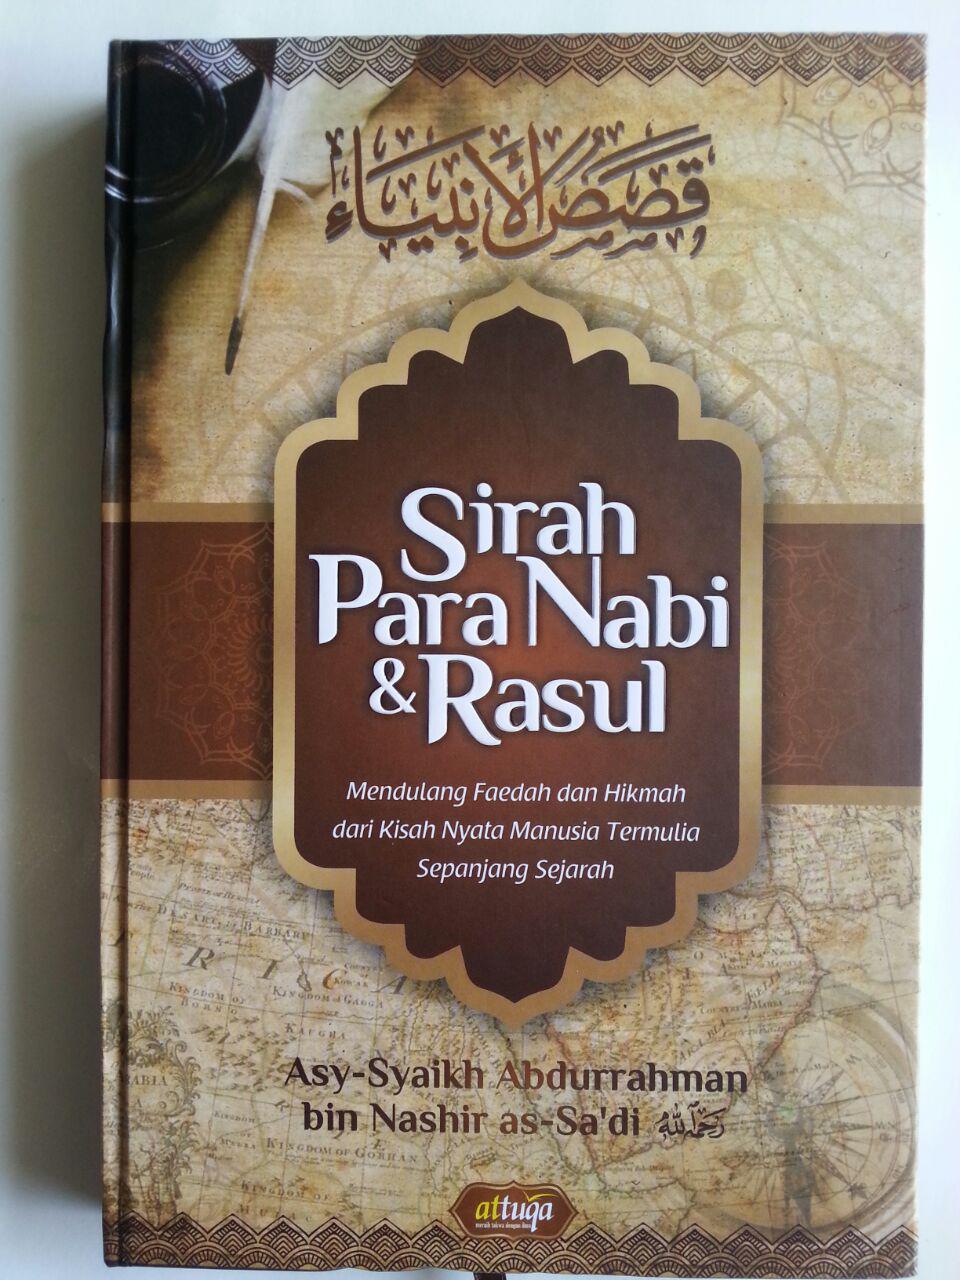 Buku Sirah Para Nabi Dan Rasul Mendulang Faedah Dan Hikmah cover 2